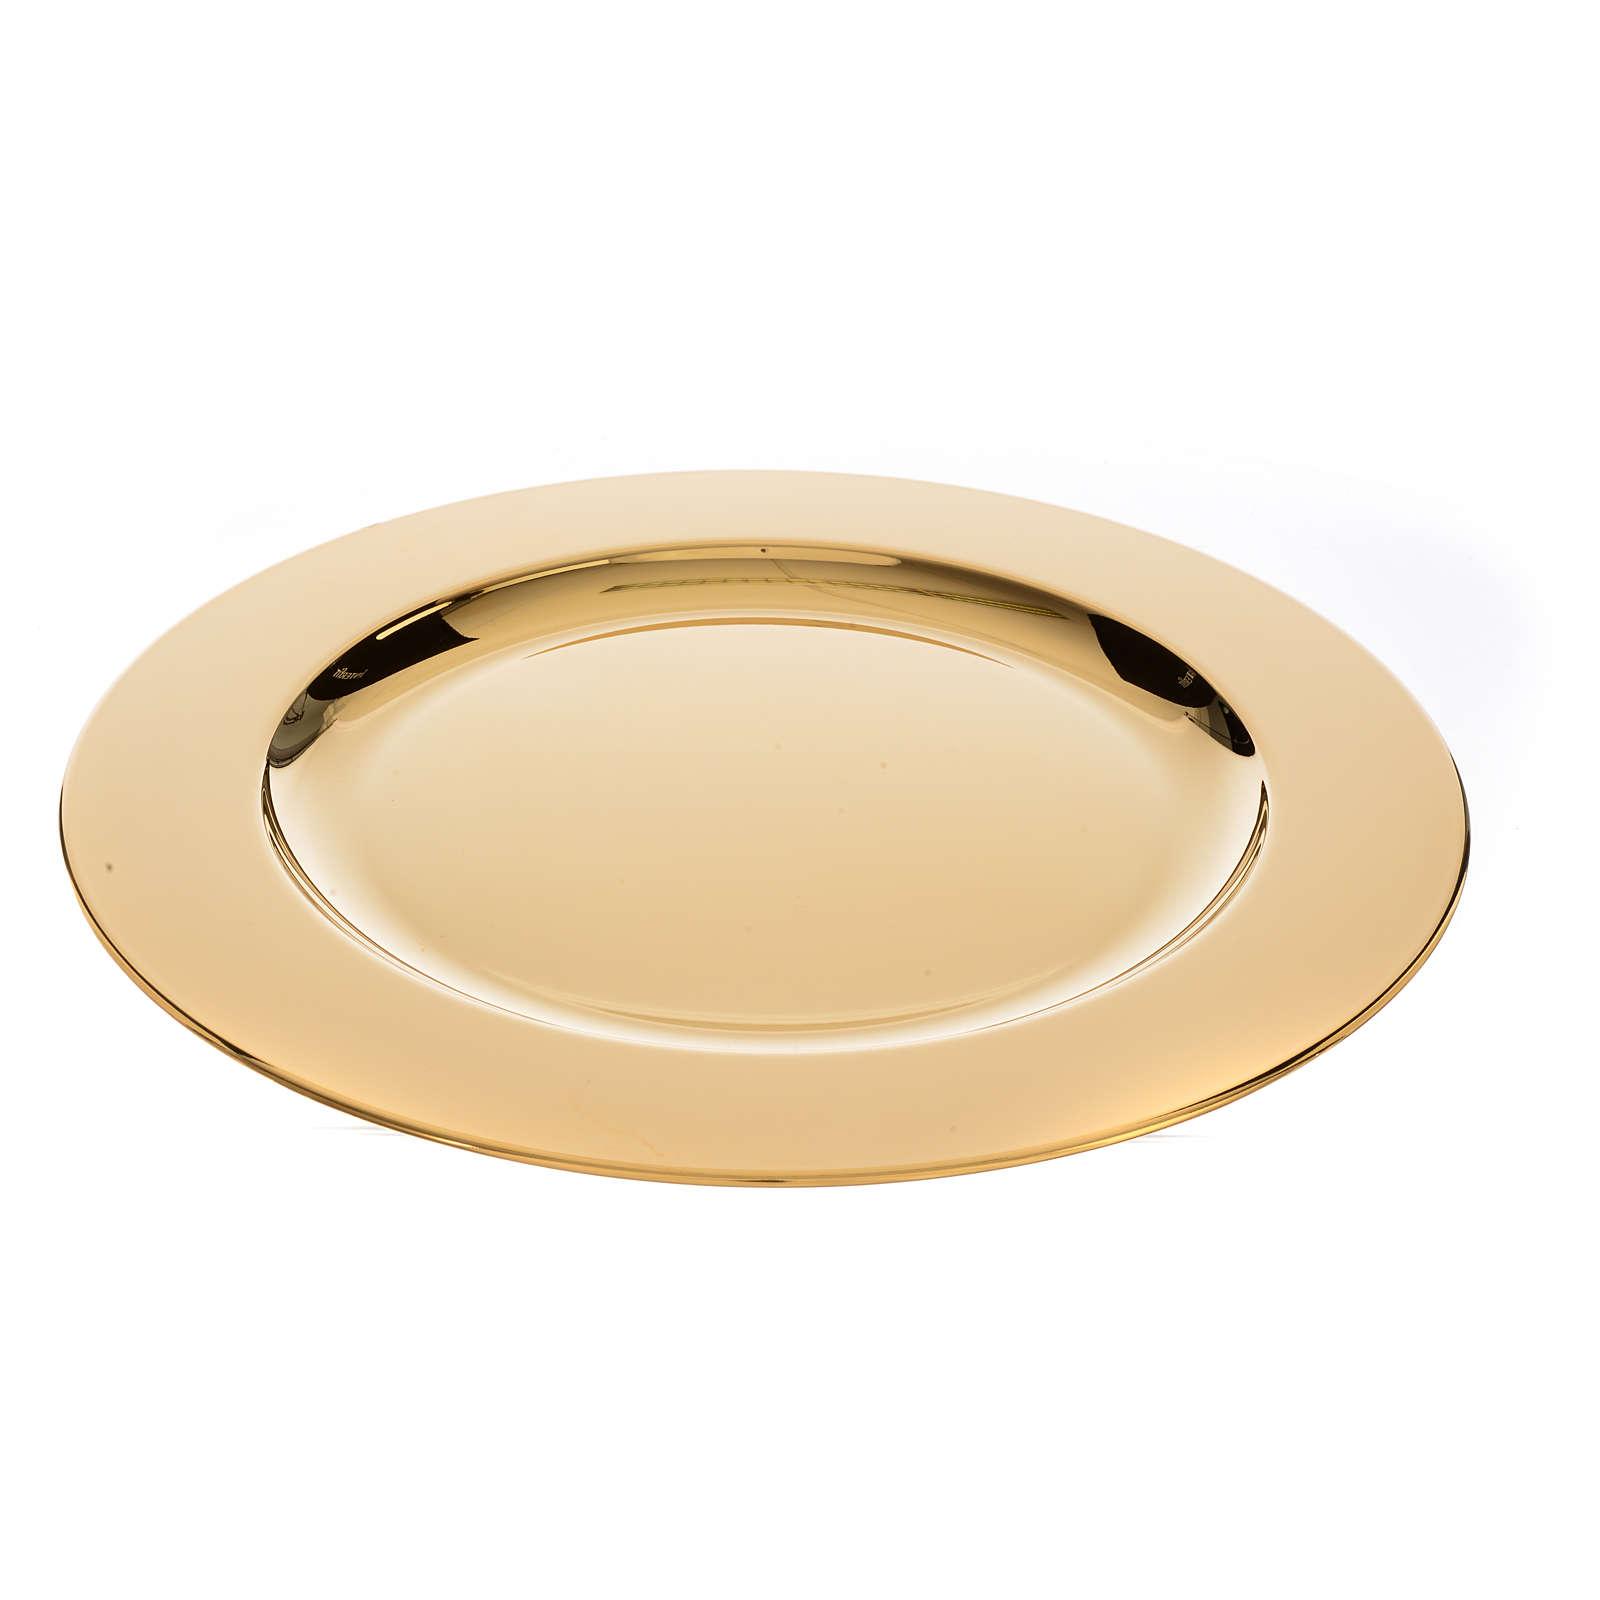 Patena ottone dorato diam 23,5 cm 4